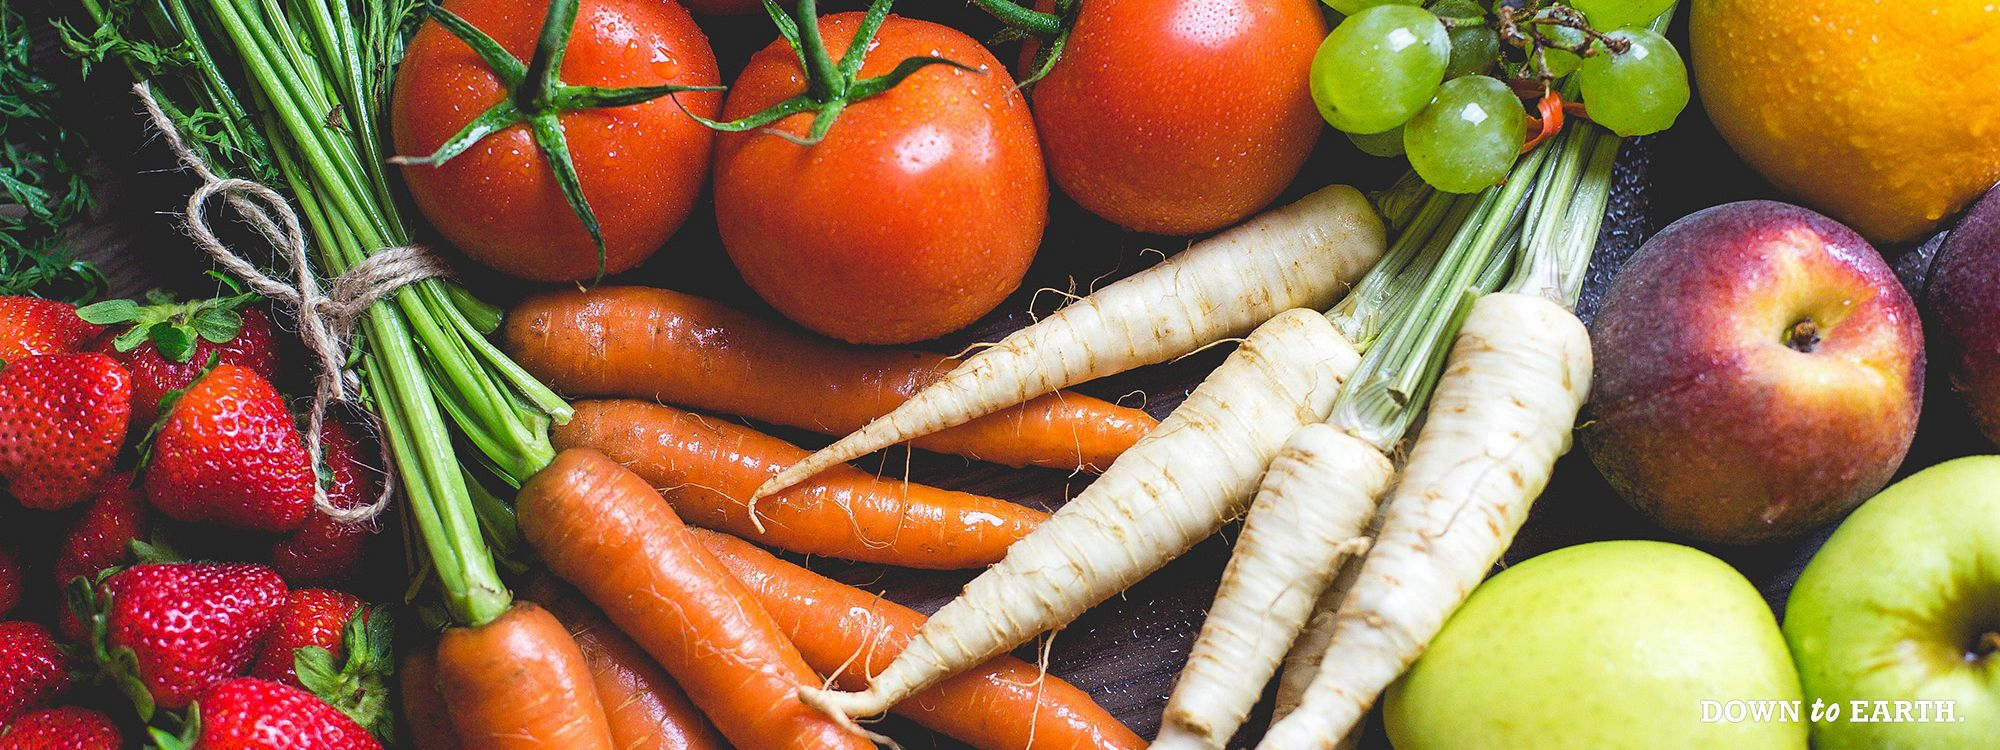 Farm Fresh Weekly Flyer